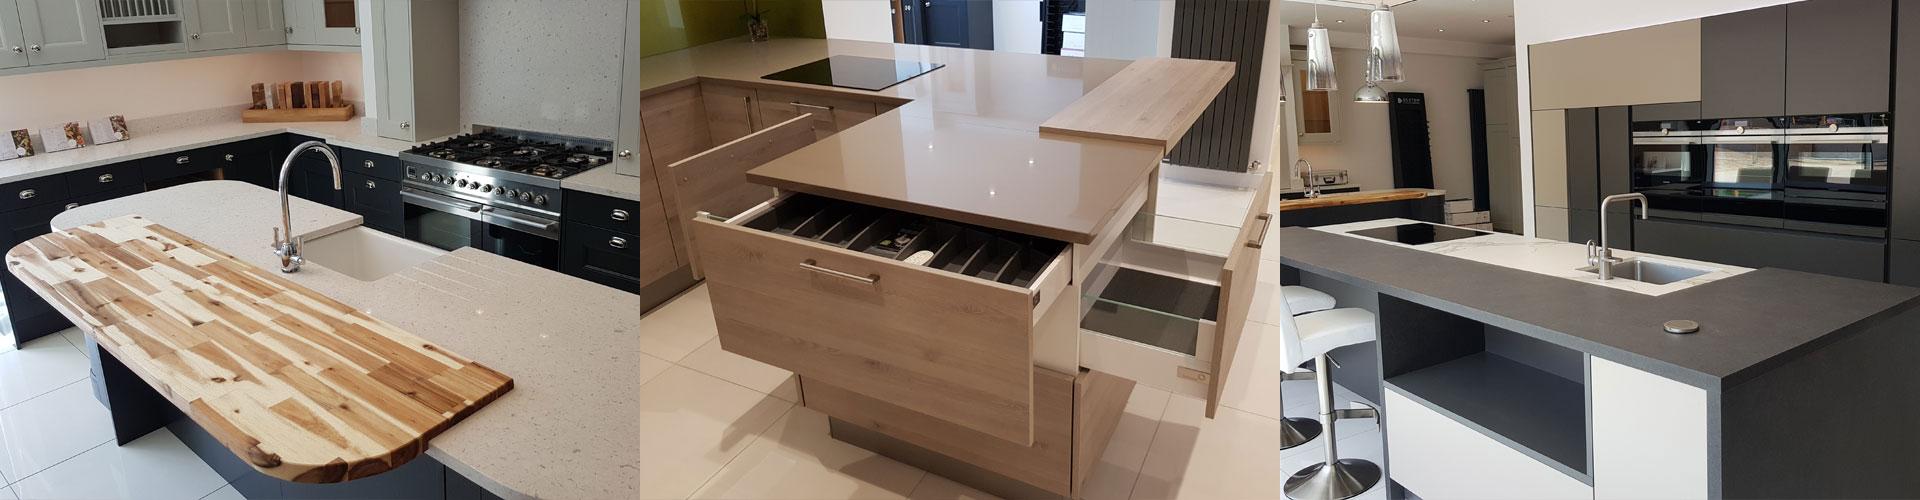 Thistle Kitchen Showroom Aberdeen, Aberdeenshire: Now Open